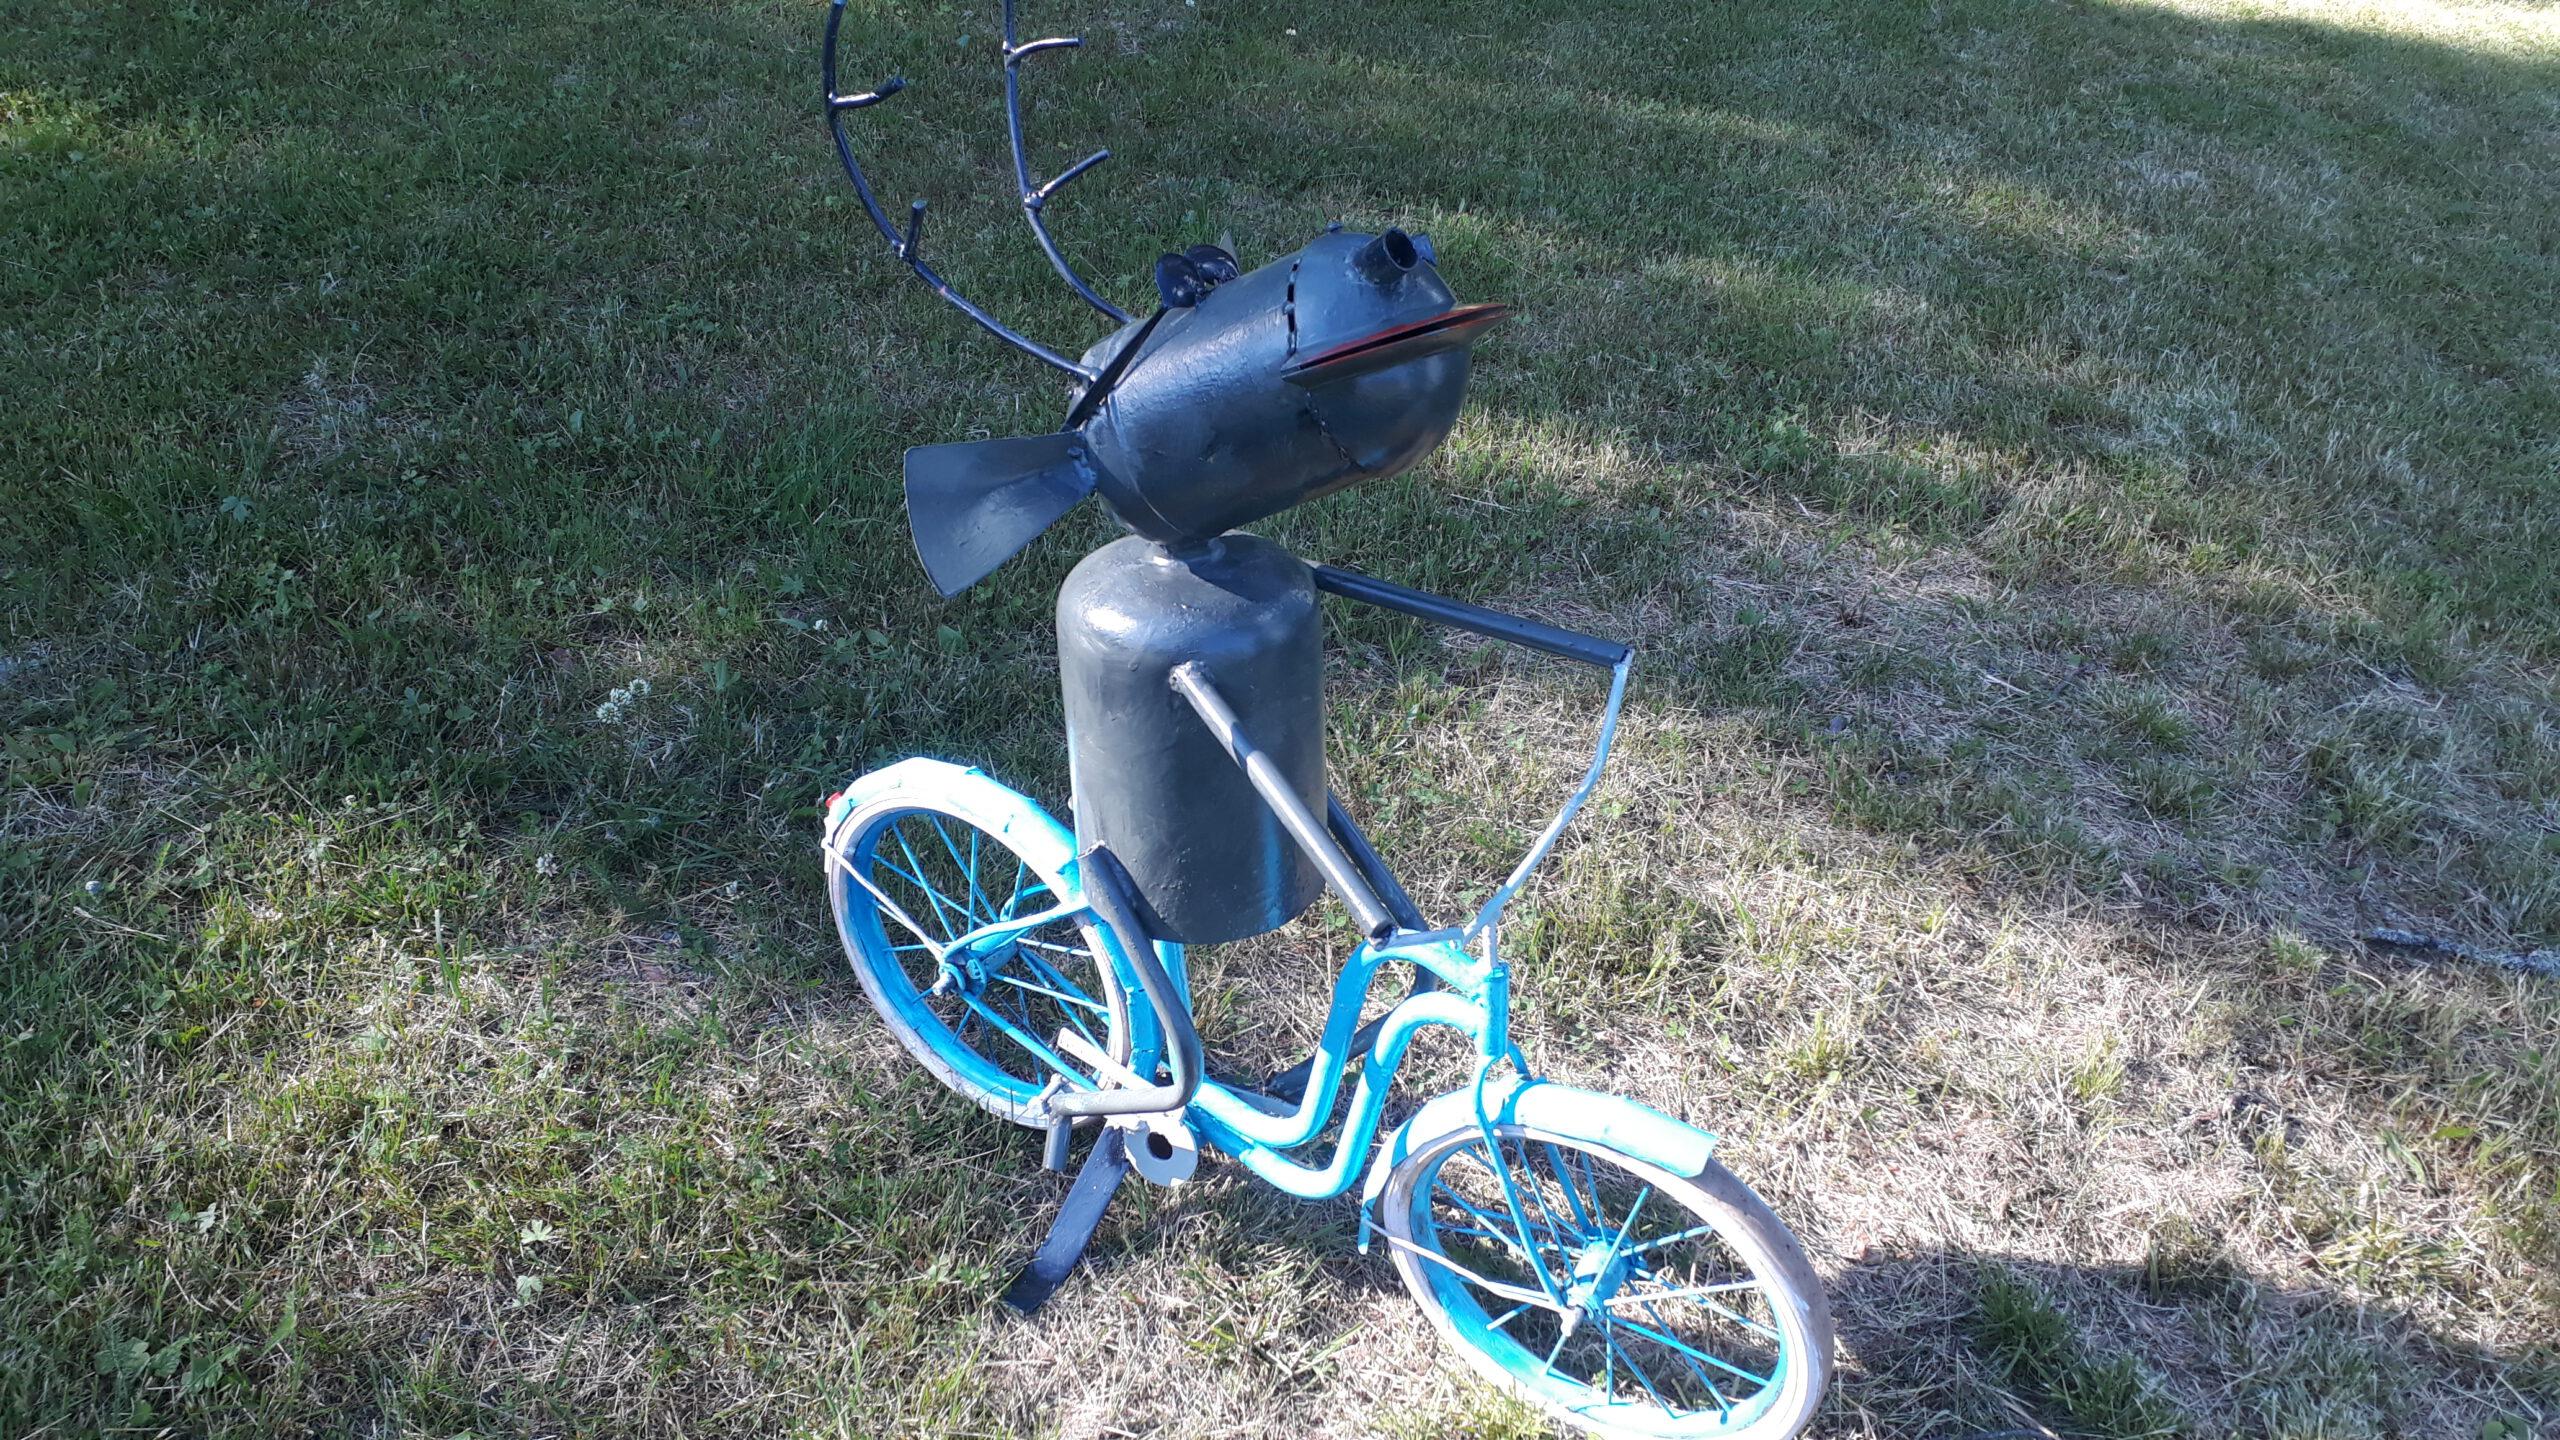 Metallitangoista, lieriöistä ja putkista on rakennettu musta, sarvipäinen hirveä muistuttava eläinhahmo. Se istuu sinisen lasten polkupyörän satulassa kuin polkisi sitä vauhdikkaasti.